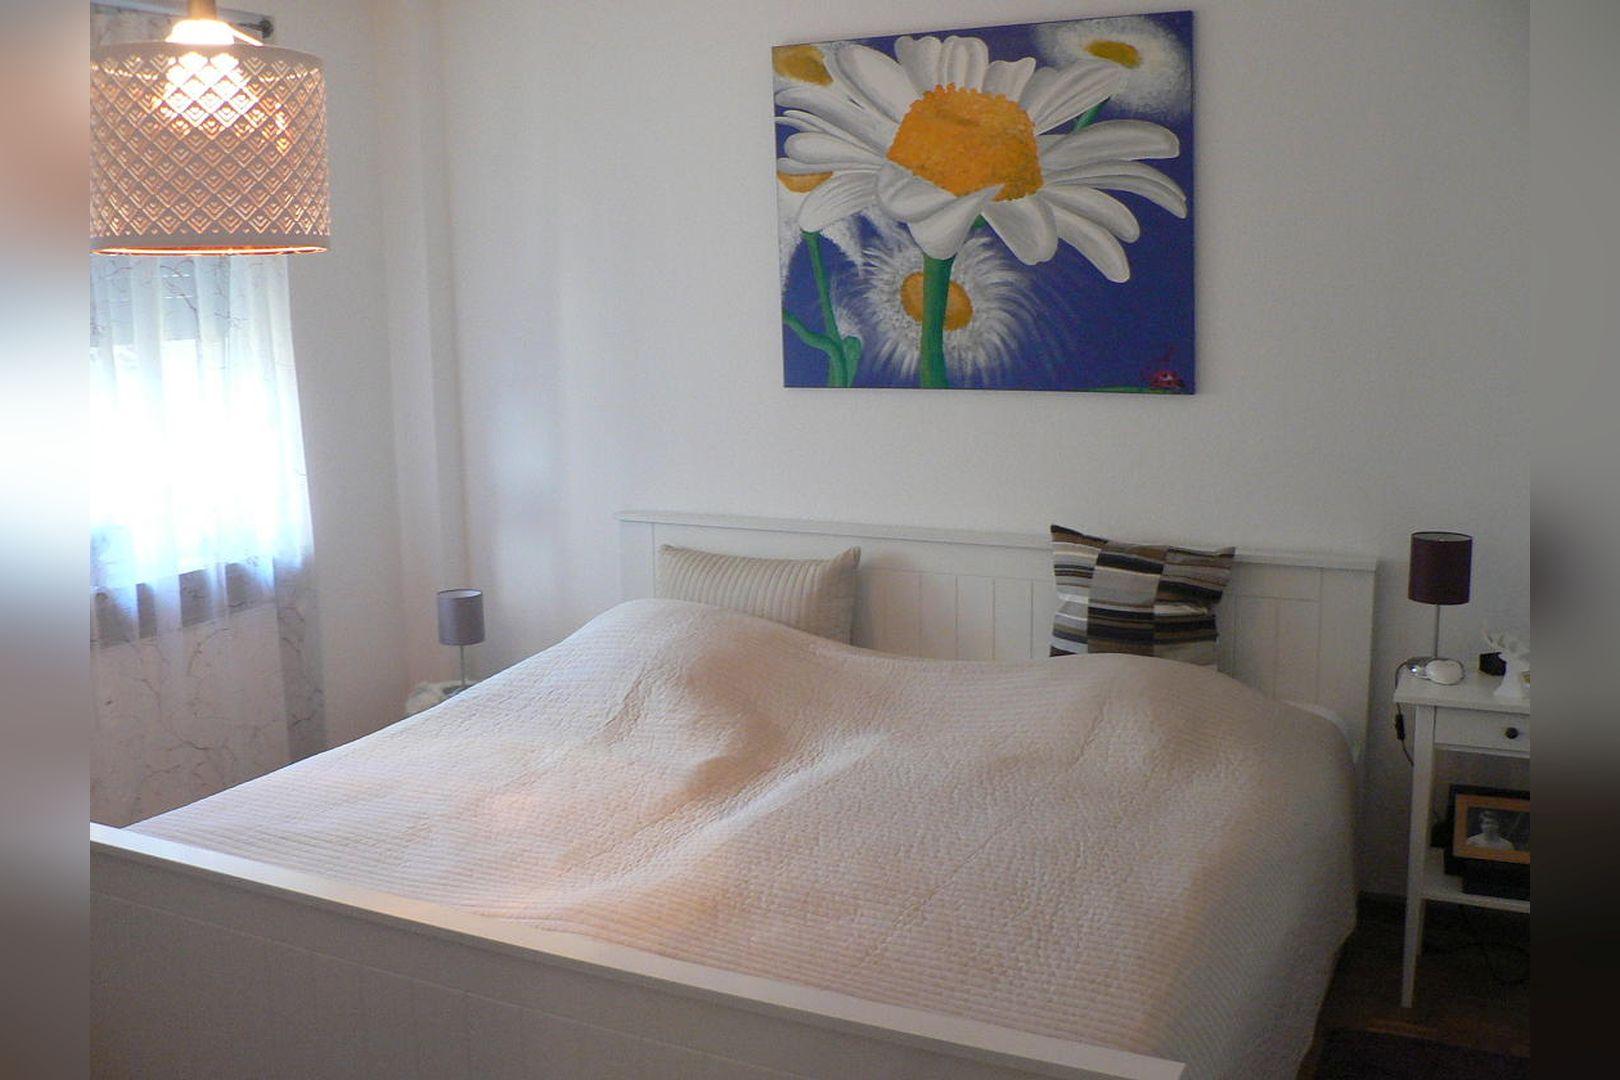 Immobilie Nr.305 - 2,5-Zimmer-Wohnung mit Balkon in 4-Part.-Haus - Bild 15.jpg